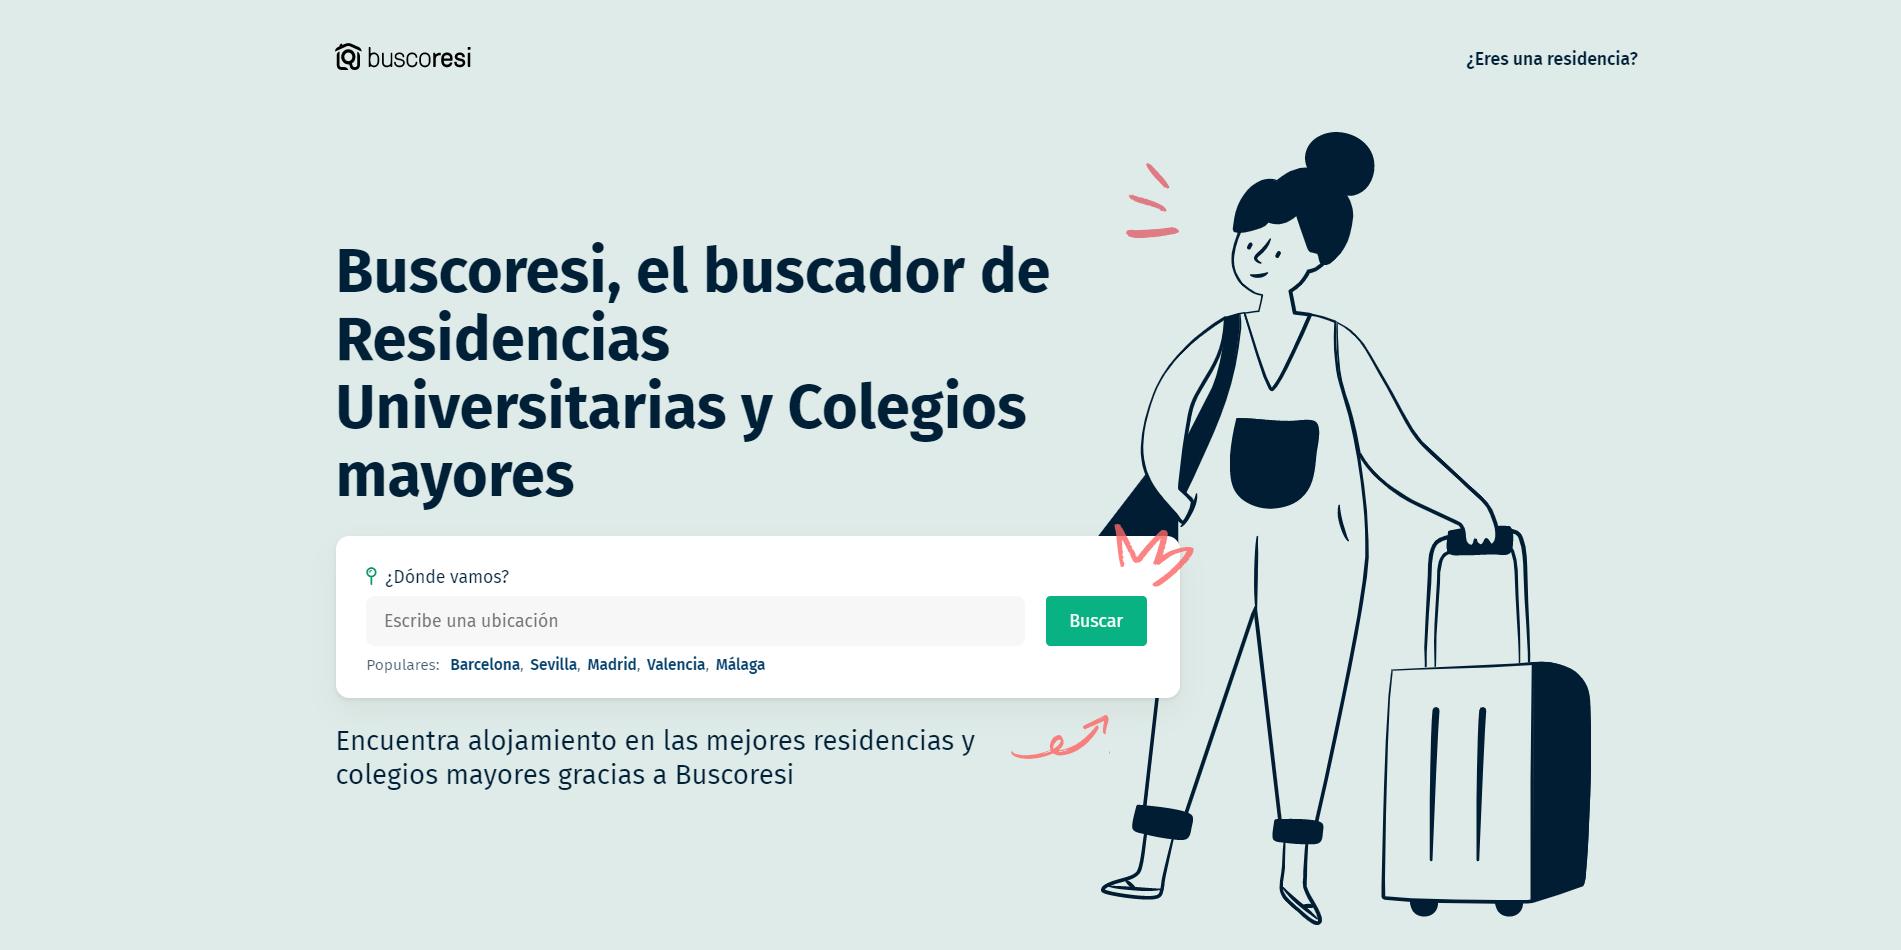 Buscoresi, la startup que ayuda a estudiantes a encontrar alojamiento